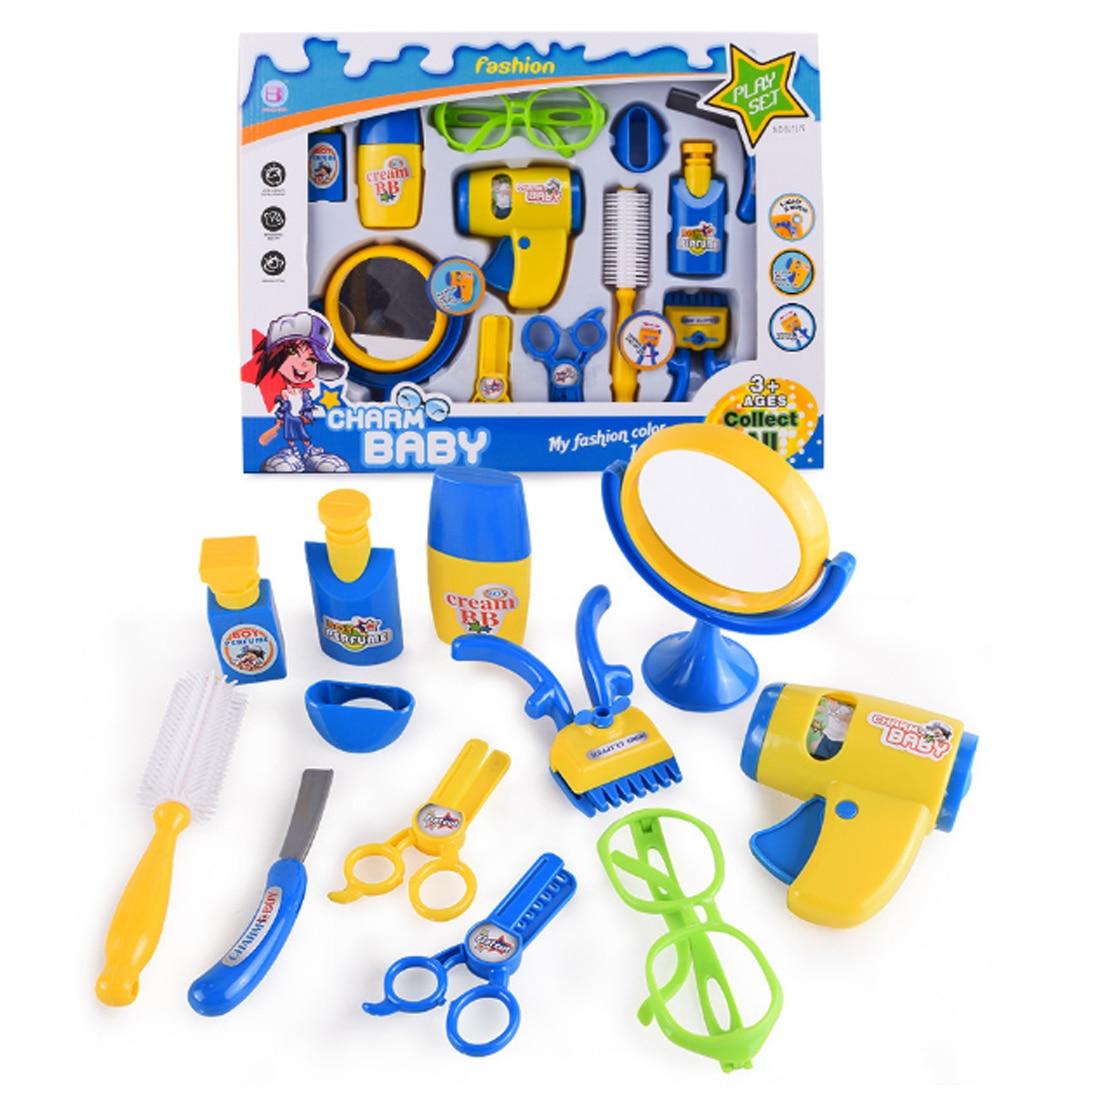 12/16 Pcs Pretend & Play Emulational Spielzeug Kit Elektrische Haar Trockner Barber Tools Mit Sound Und Licht Für Kinder Weihnachten Geschenk Der Preis Bleibt Stabil